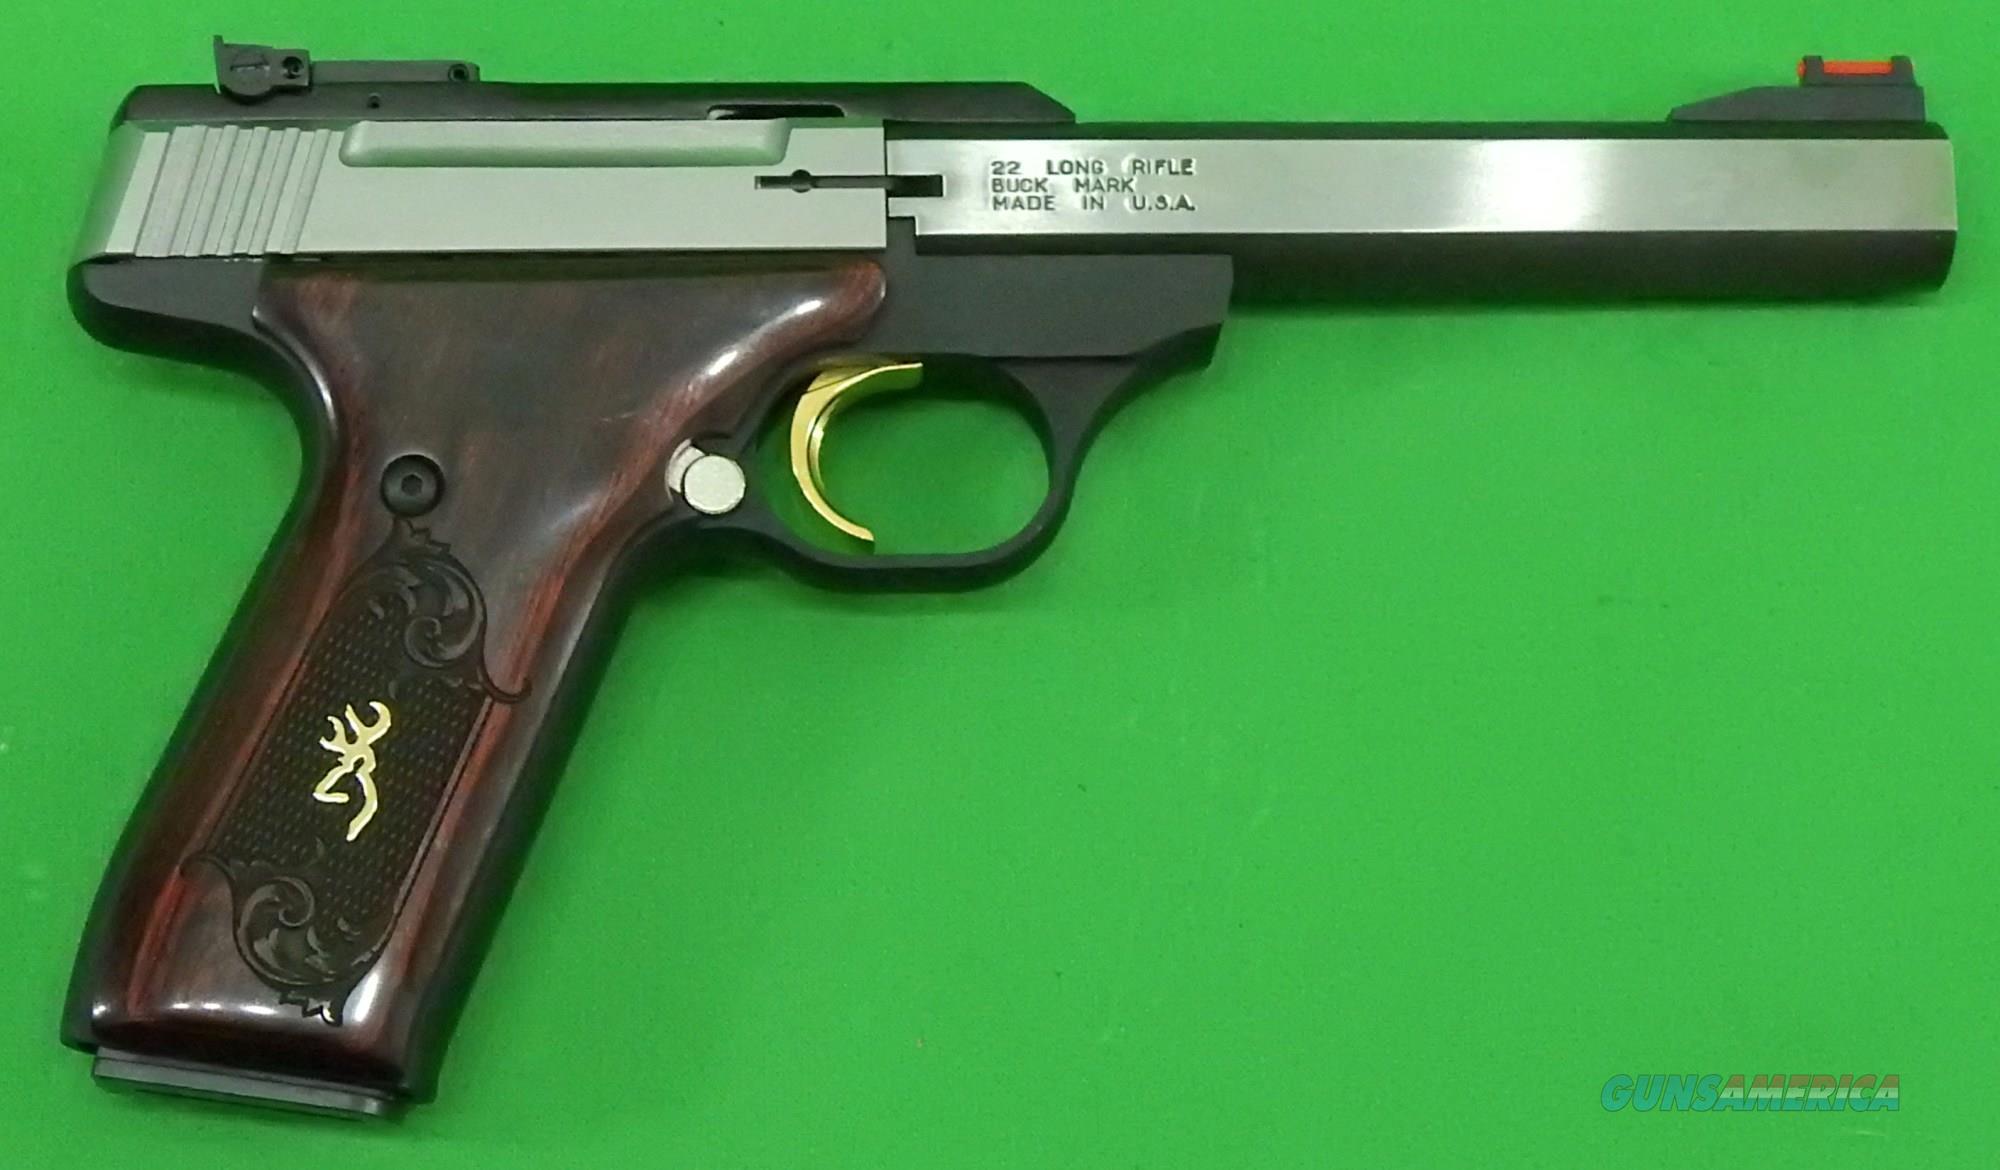 Buck Mark Medallion Rosewood 22LR  051543490  Guns > Pistols > Browning Pistols > Buckmark